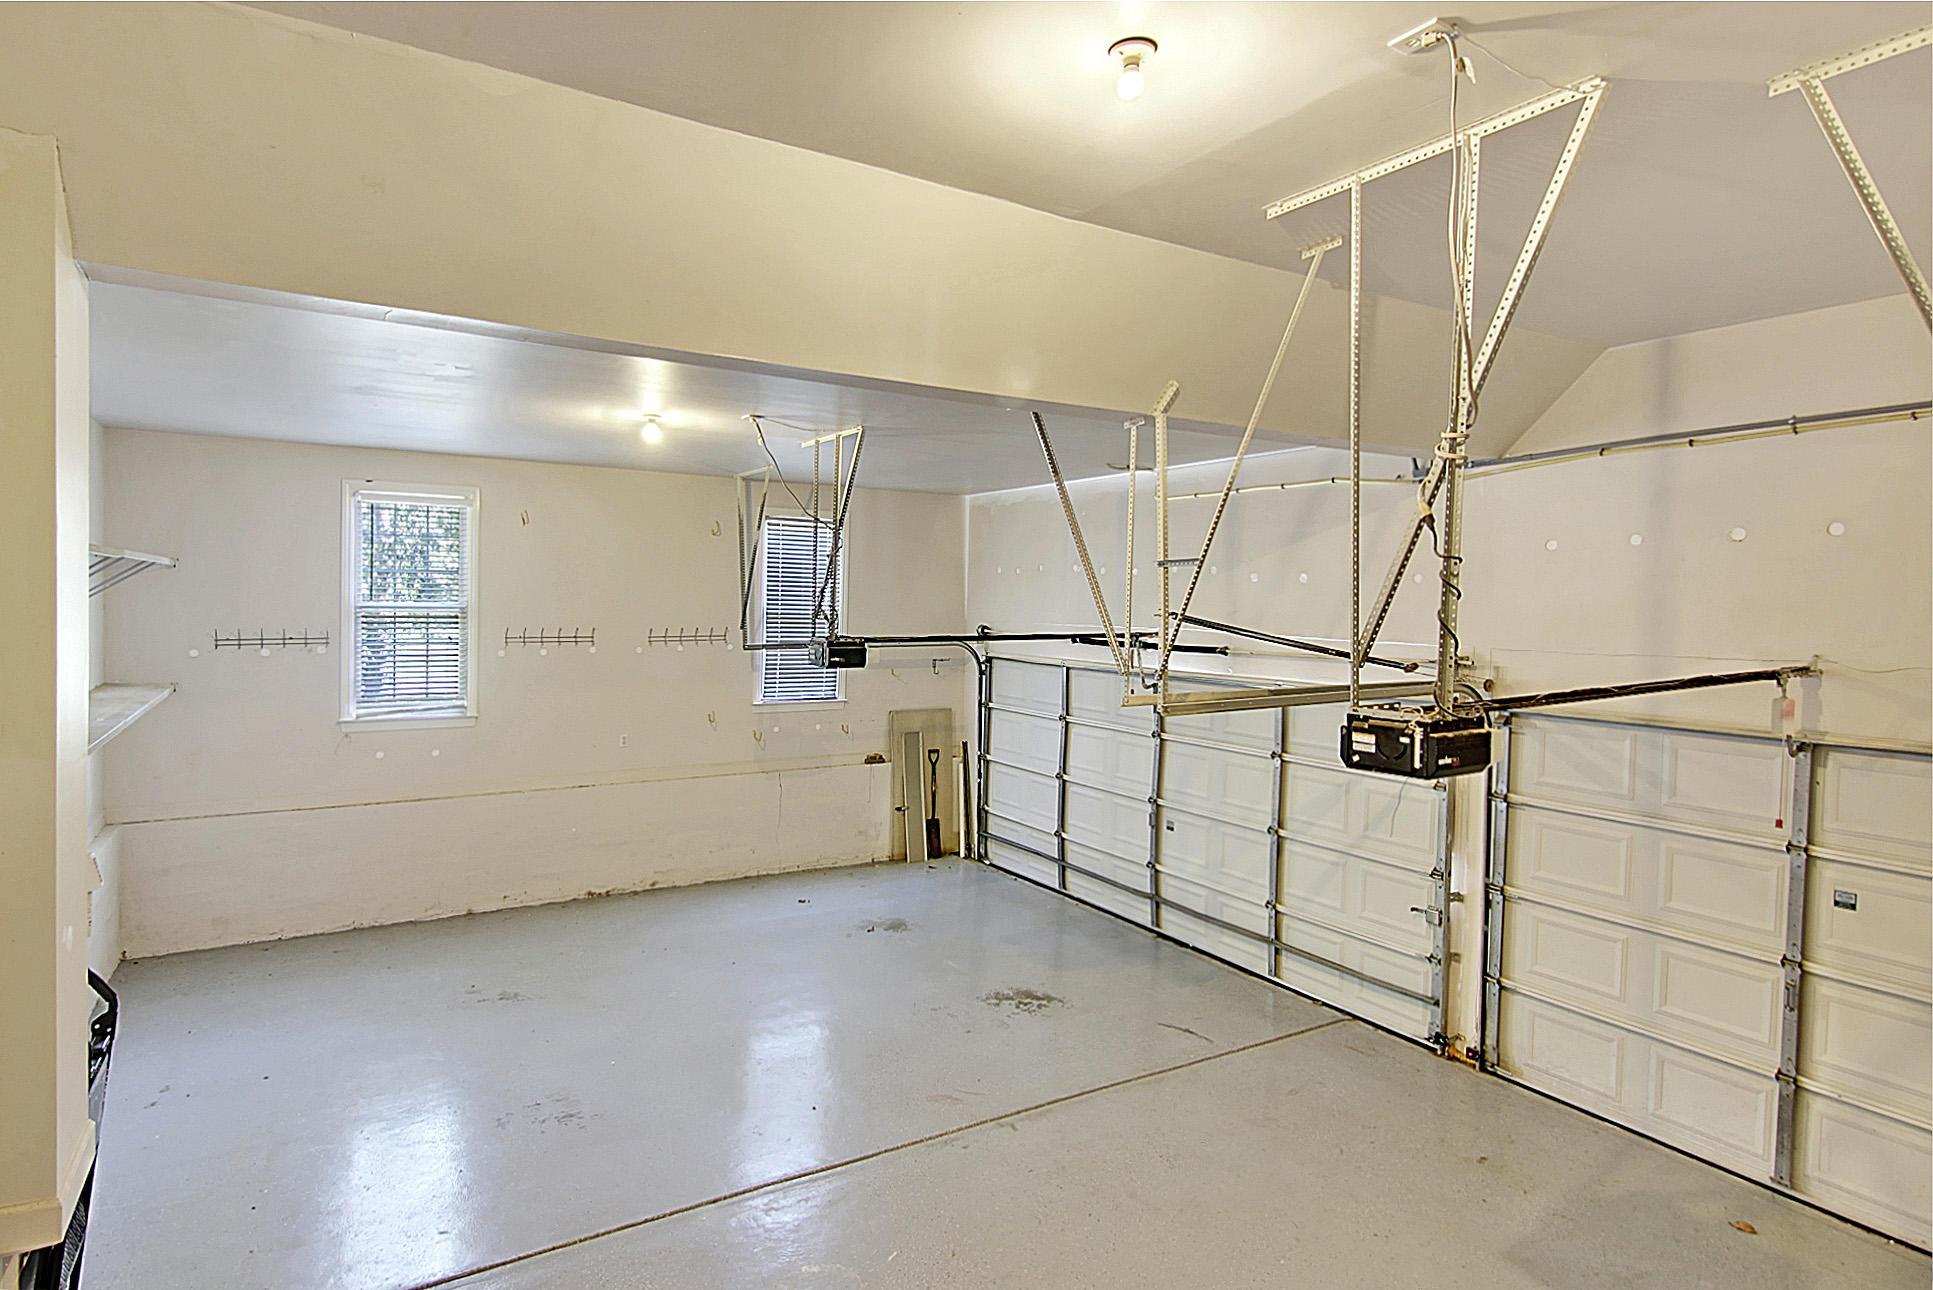 Dunes West Homes For Sale - 2236 Black Oak, Mount Pleasant, SC - 68